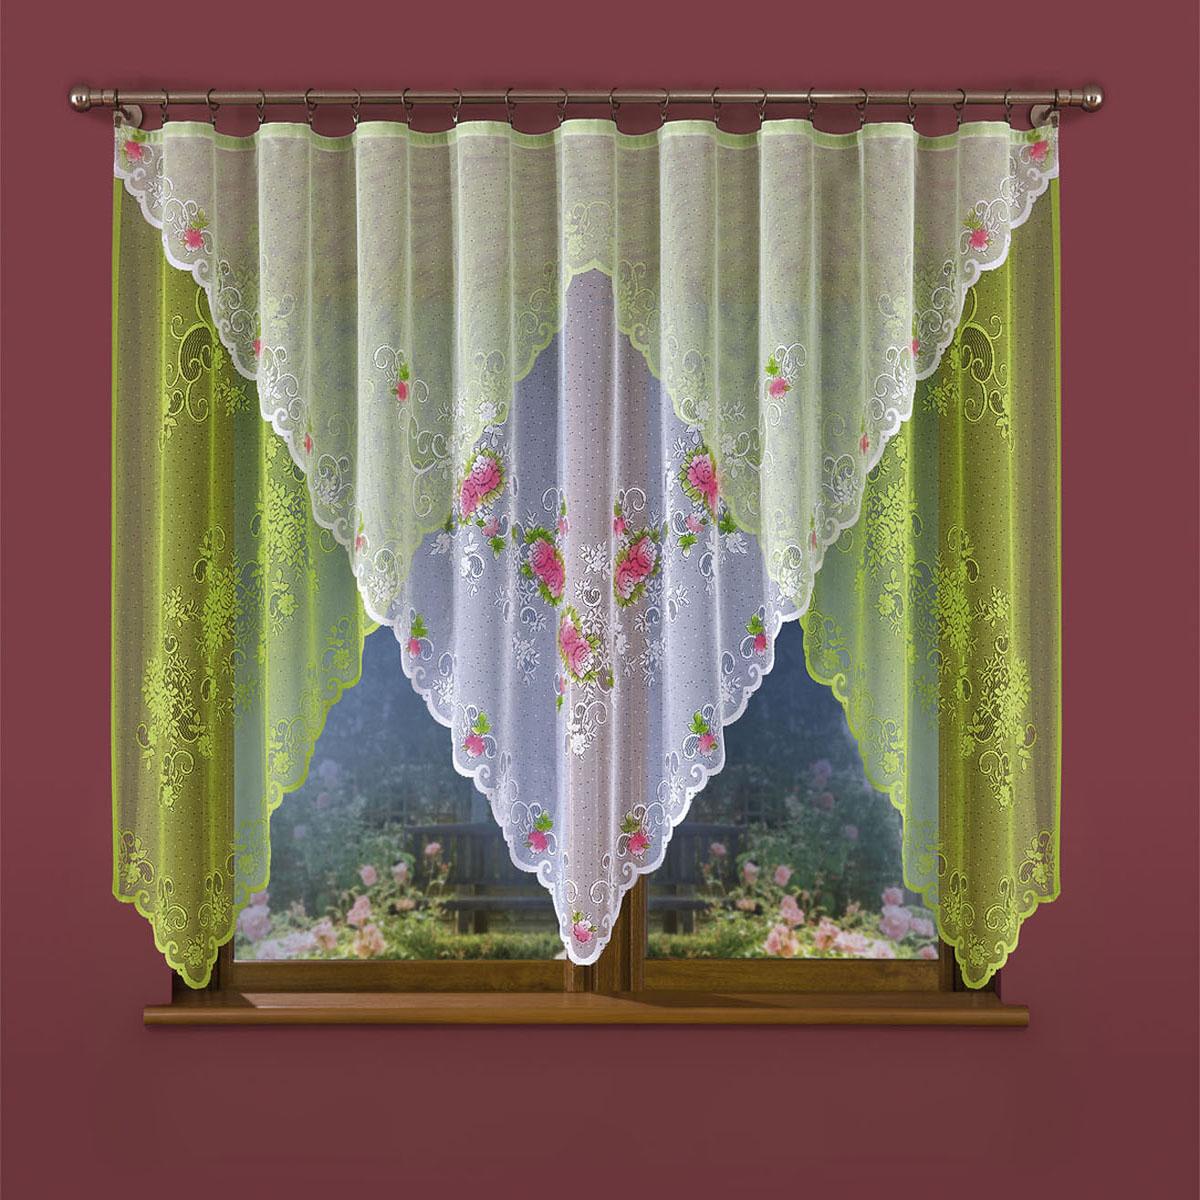 Гардина Wisan, цвет: белый, зеленый, ширина 300 см, высота 150 см. 655WS03301004вид крепления - под зажимы для шторРазмеры: ширина 300*высота 150